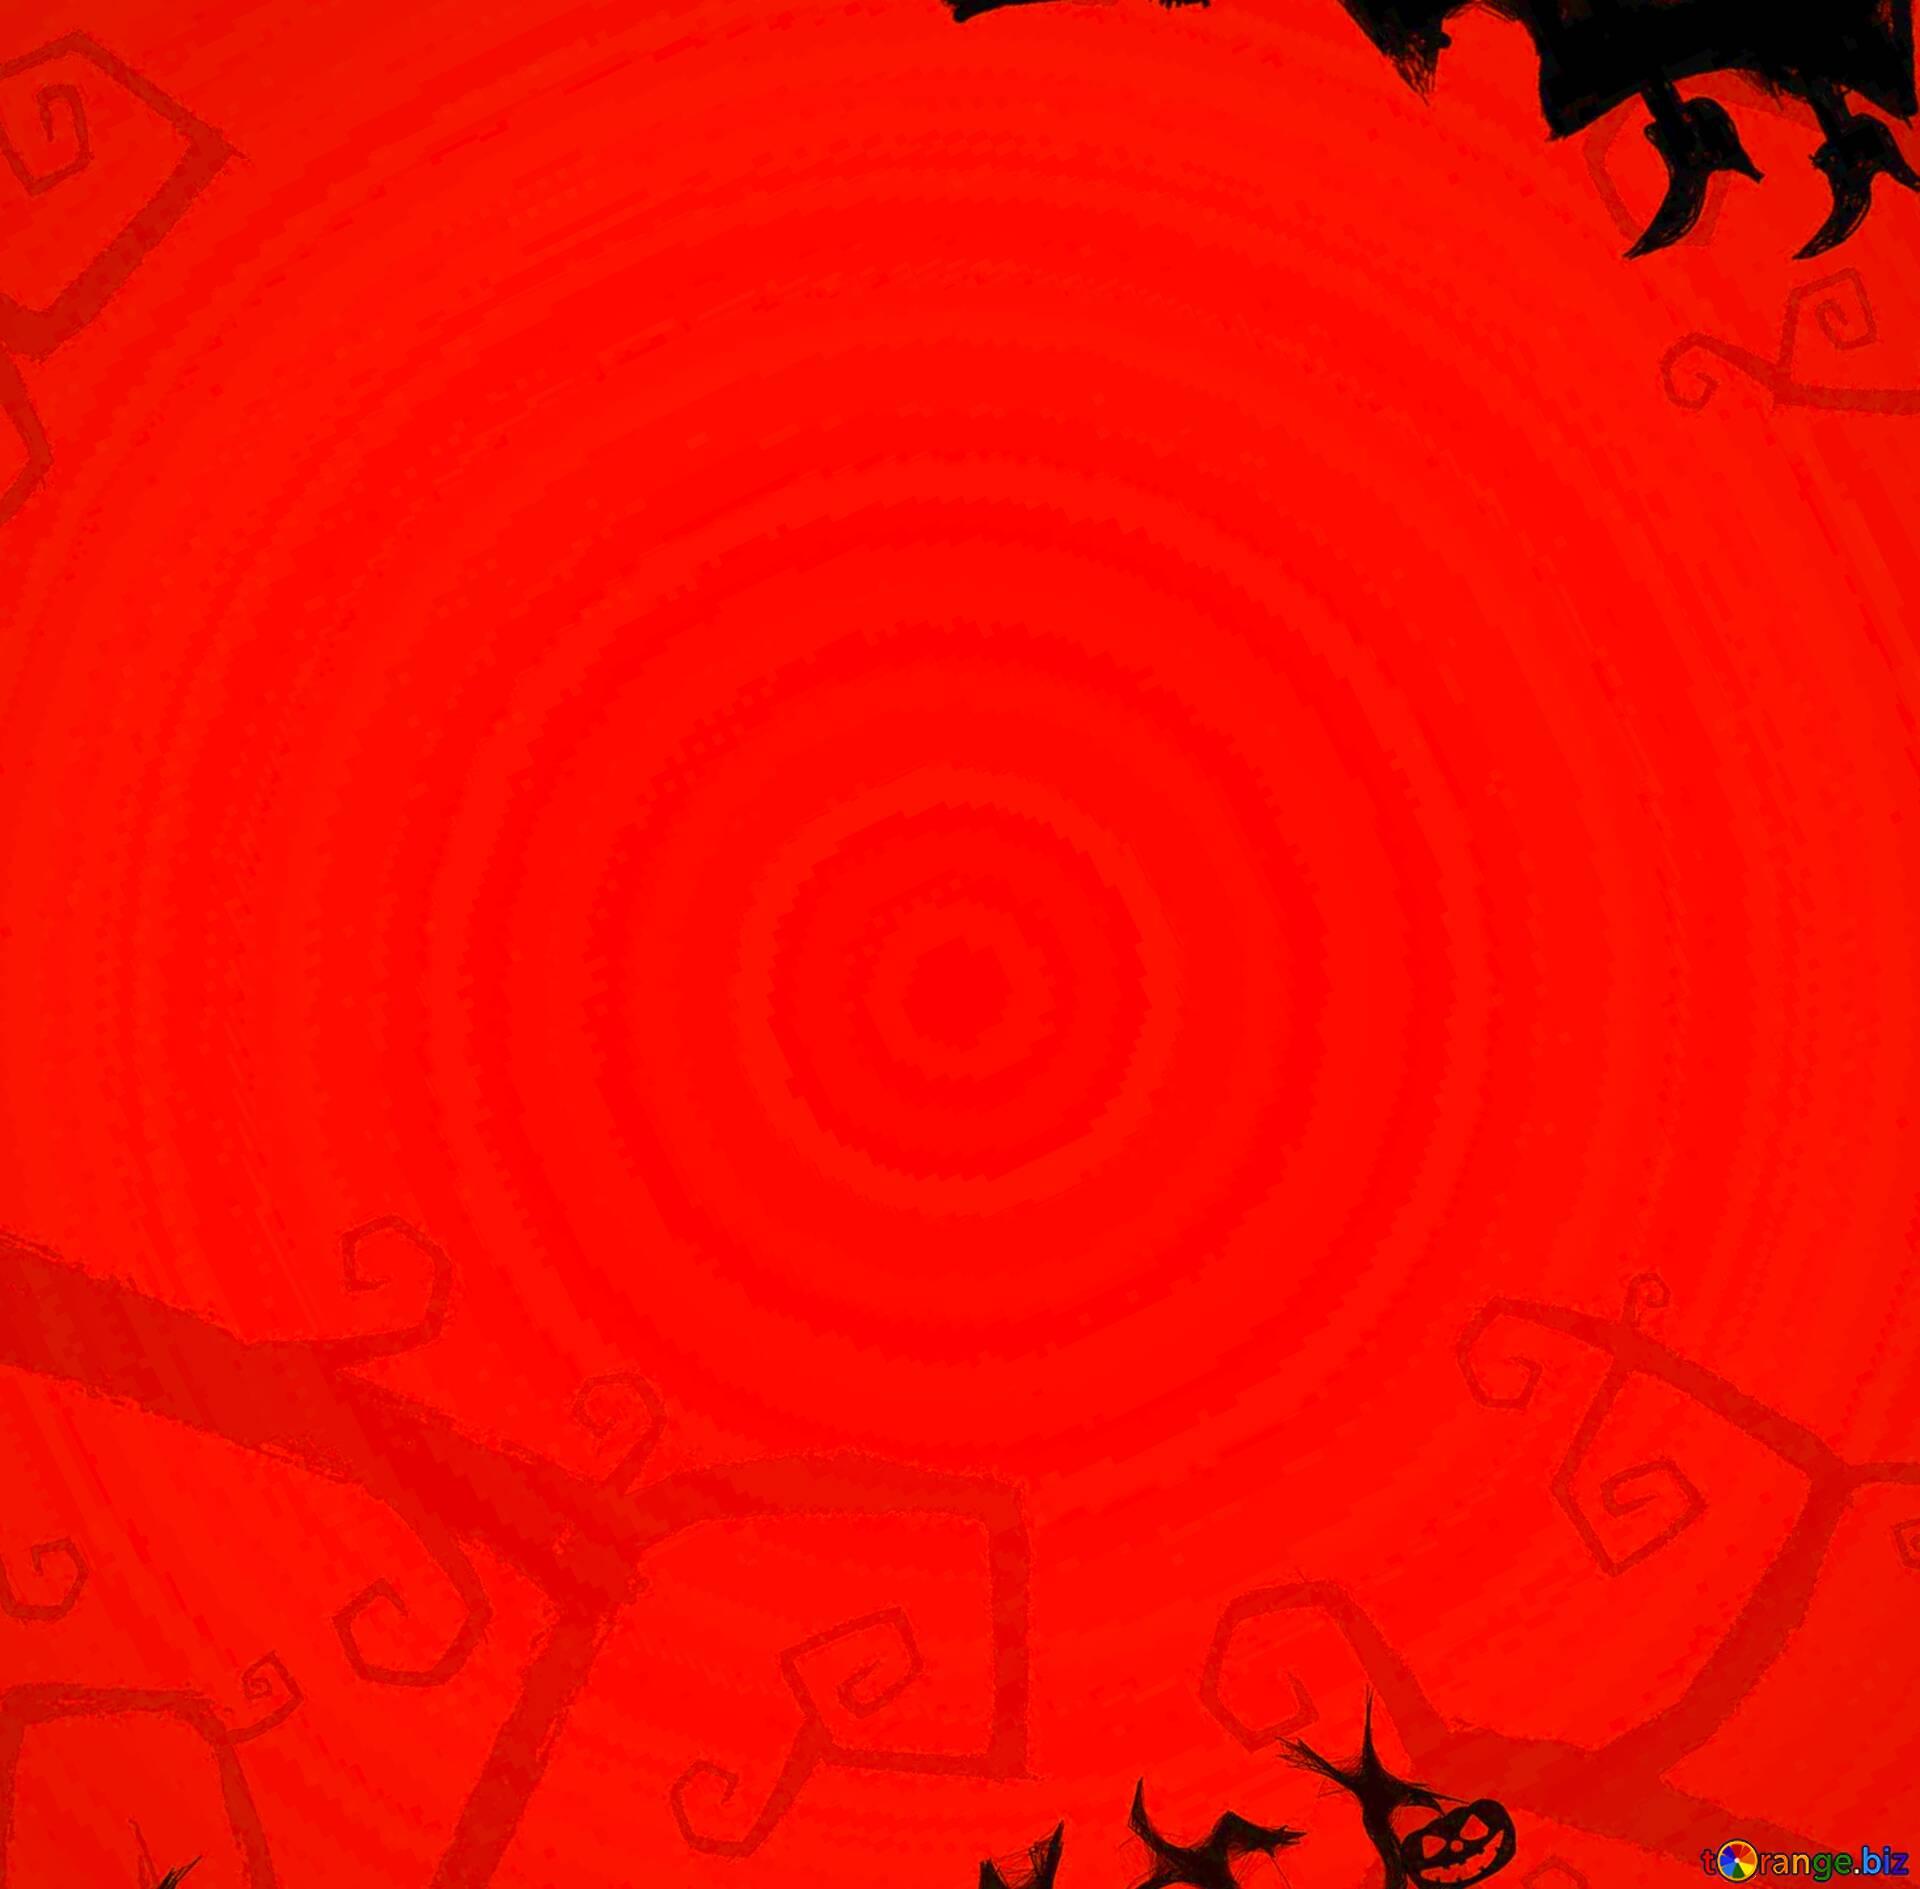 Download free picture Bild für Profilbild. Halloween